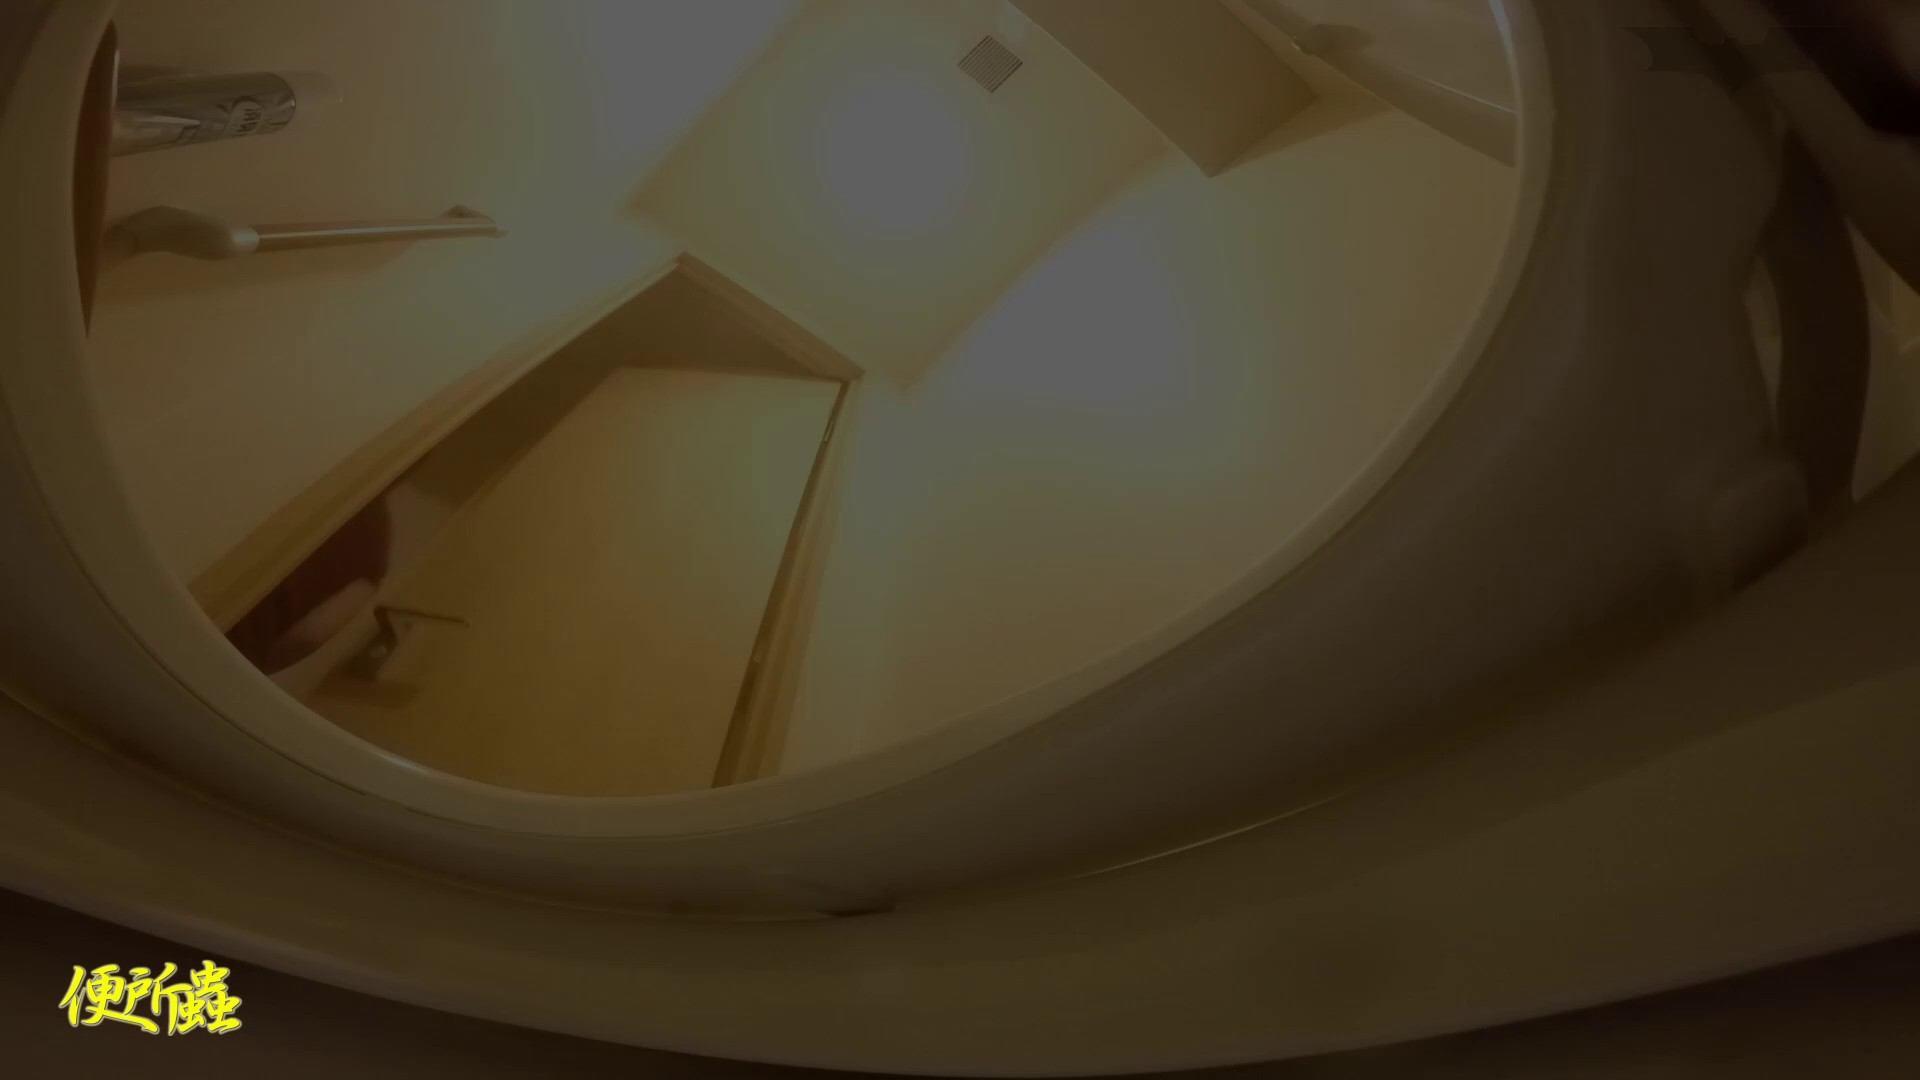 7名登場※【洗面所盗撮】vol.18 便所蟲さんのリターン~寺子屋洗面所盗撮~ OL女体   女体盗撮  104連発 71